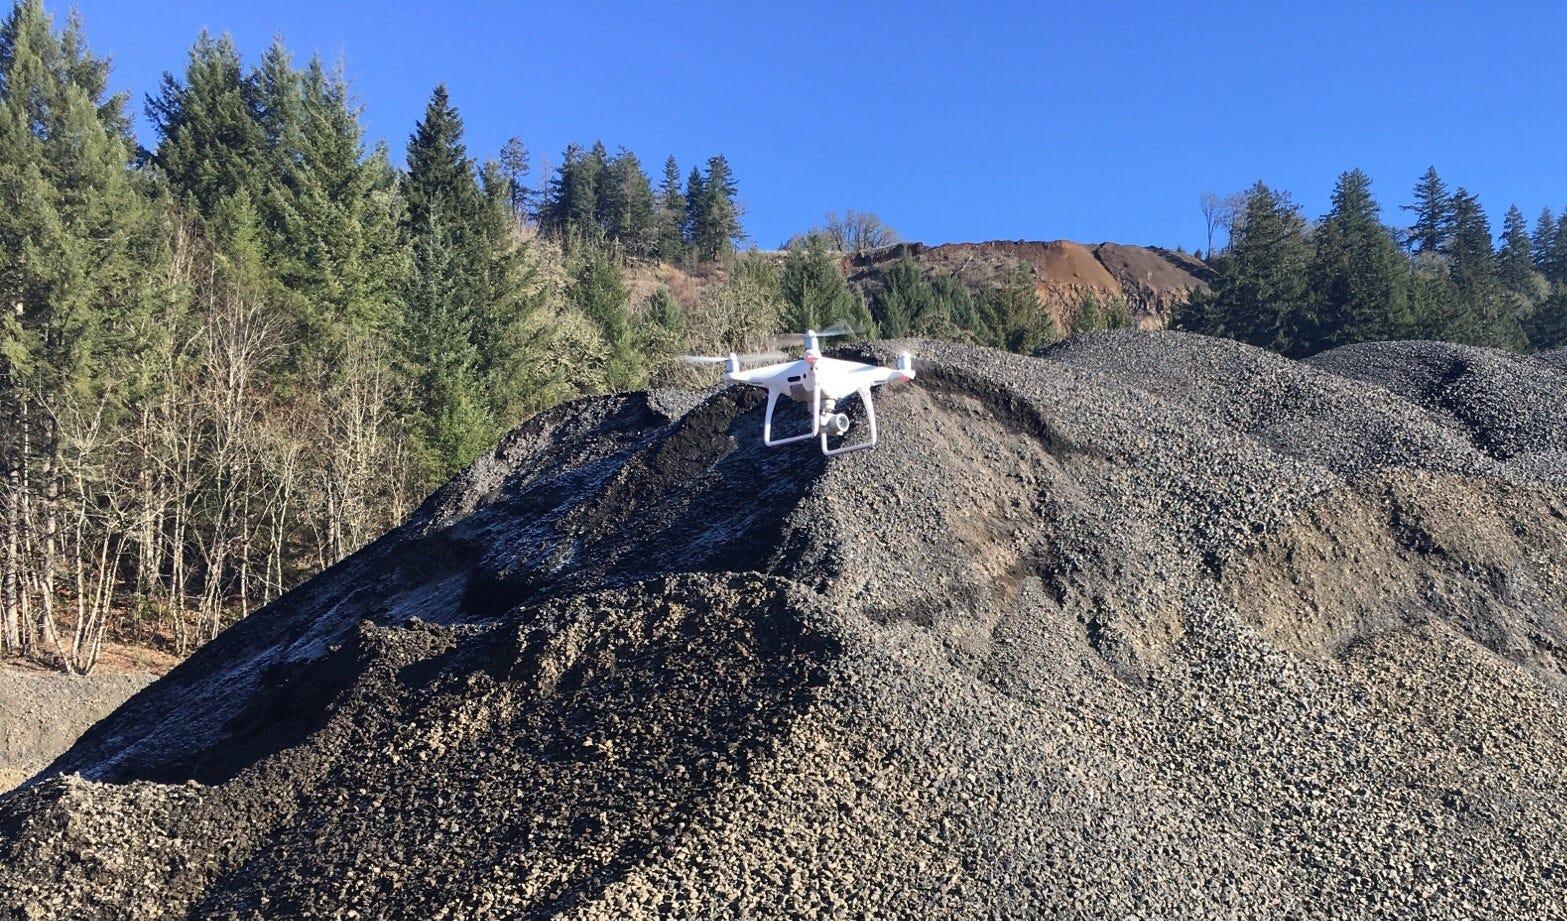 A Siegmund Excavation drone surveys a rock quarry.